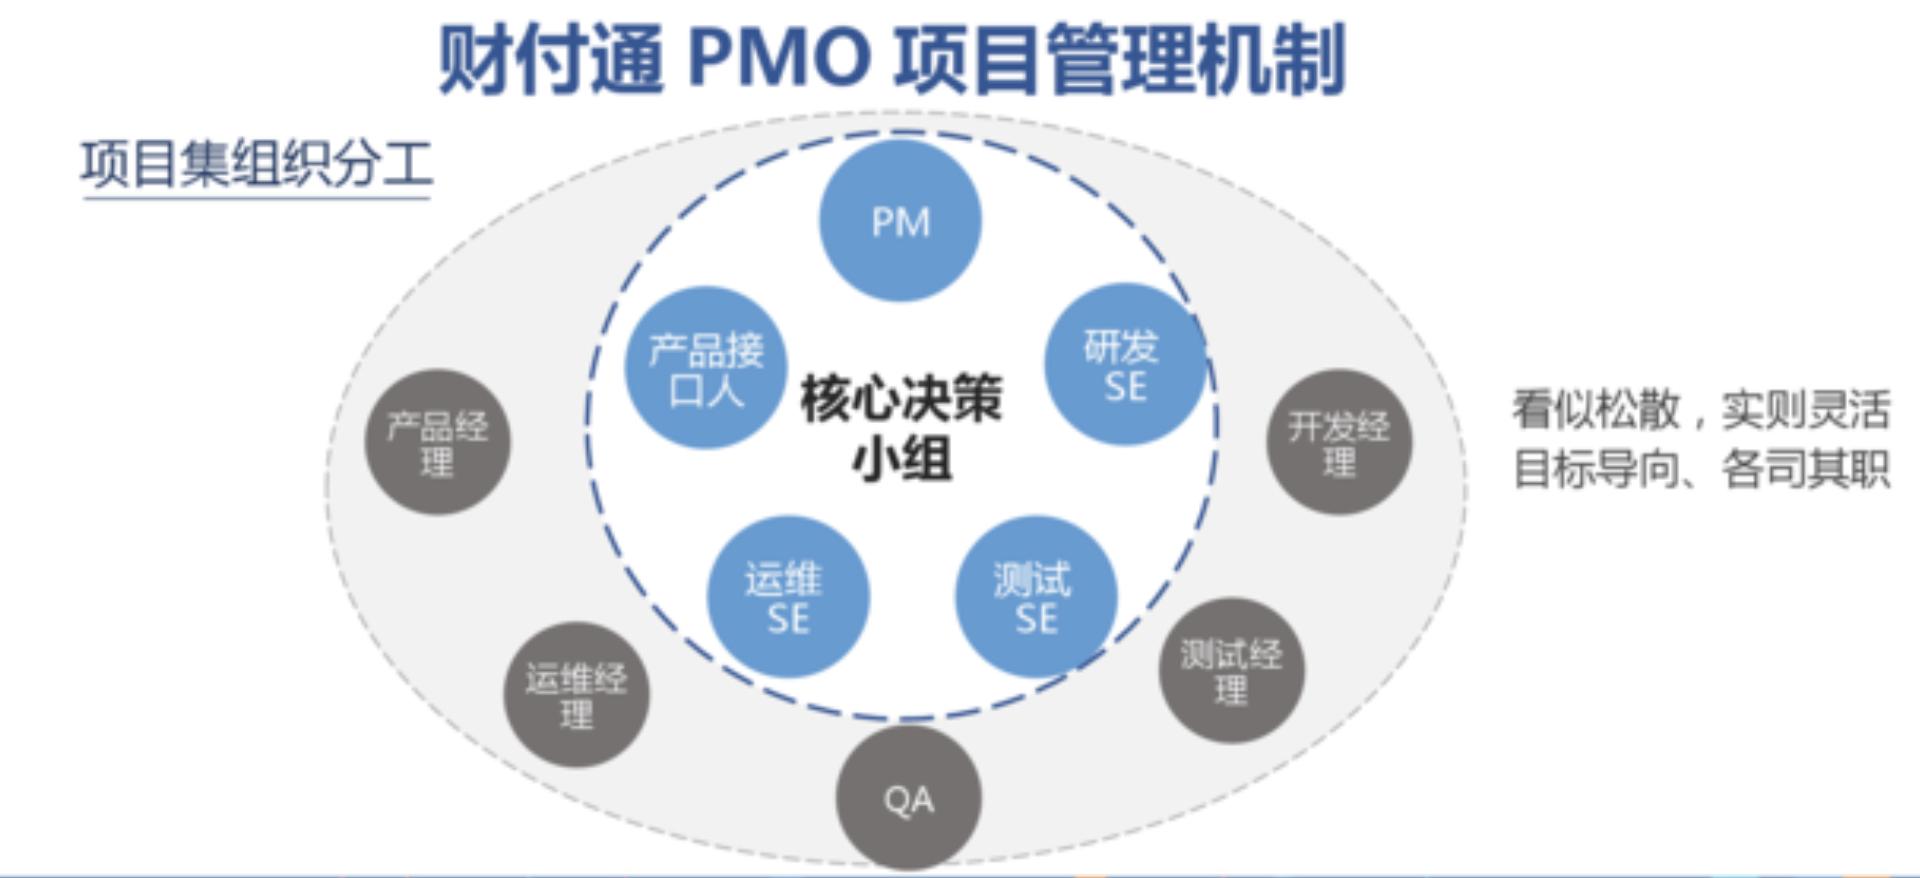 MPD:财付通——标准化项目管理与敏捷迭代的兼得——互联网PMO与项目管理实践  项目管理 管理 产品经理 产品 第2张